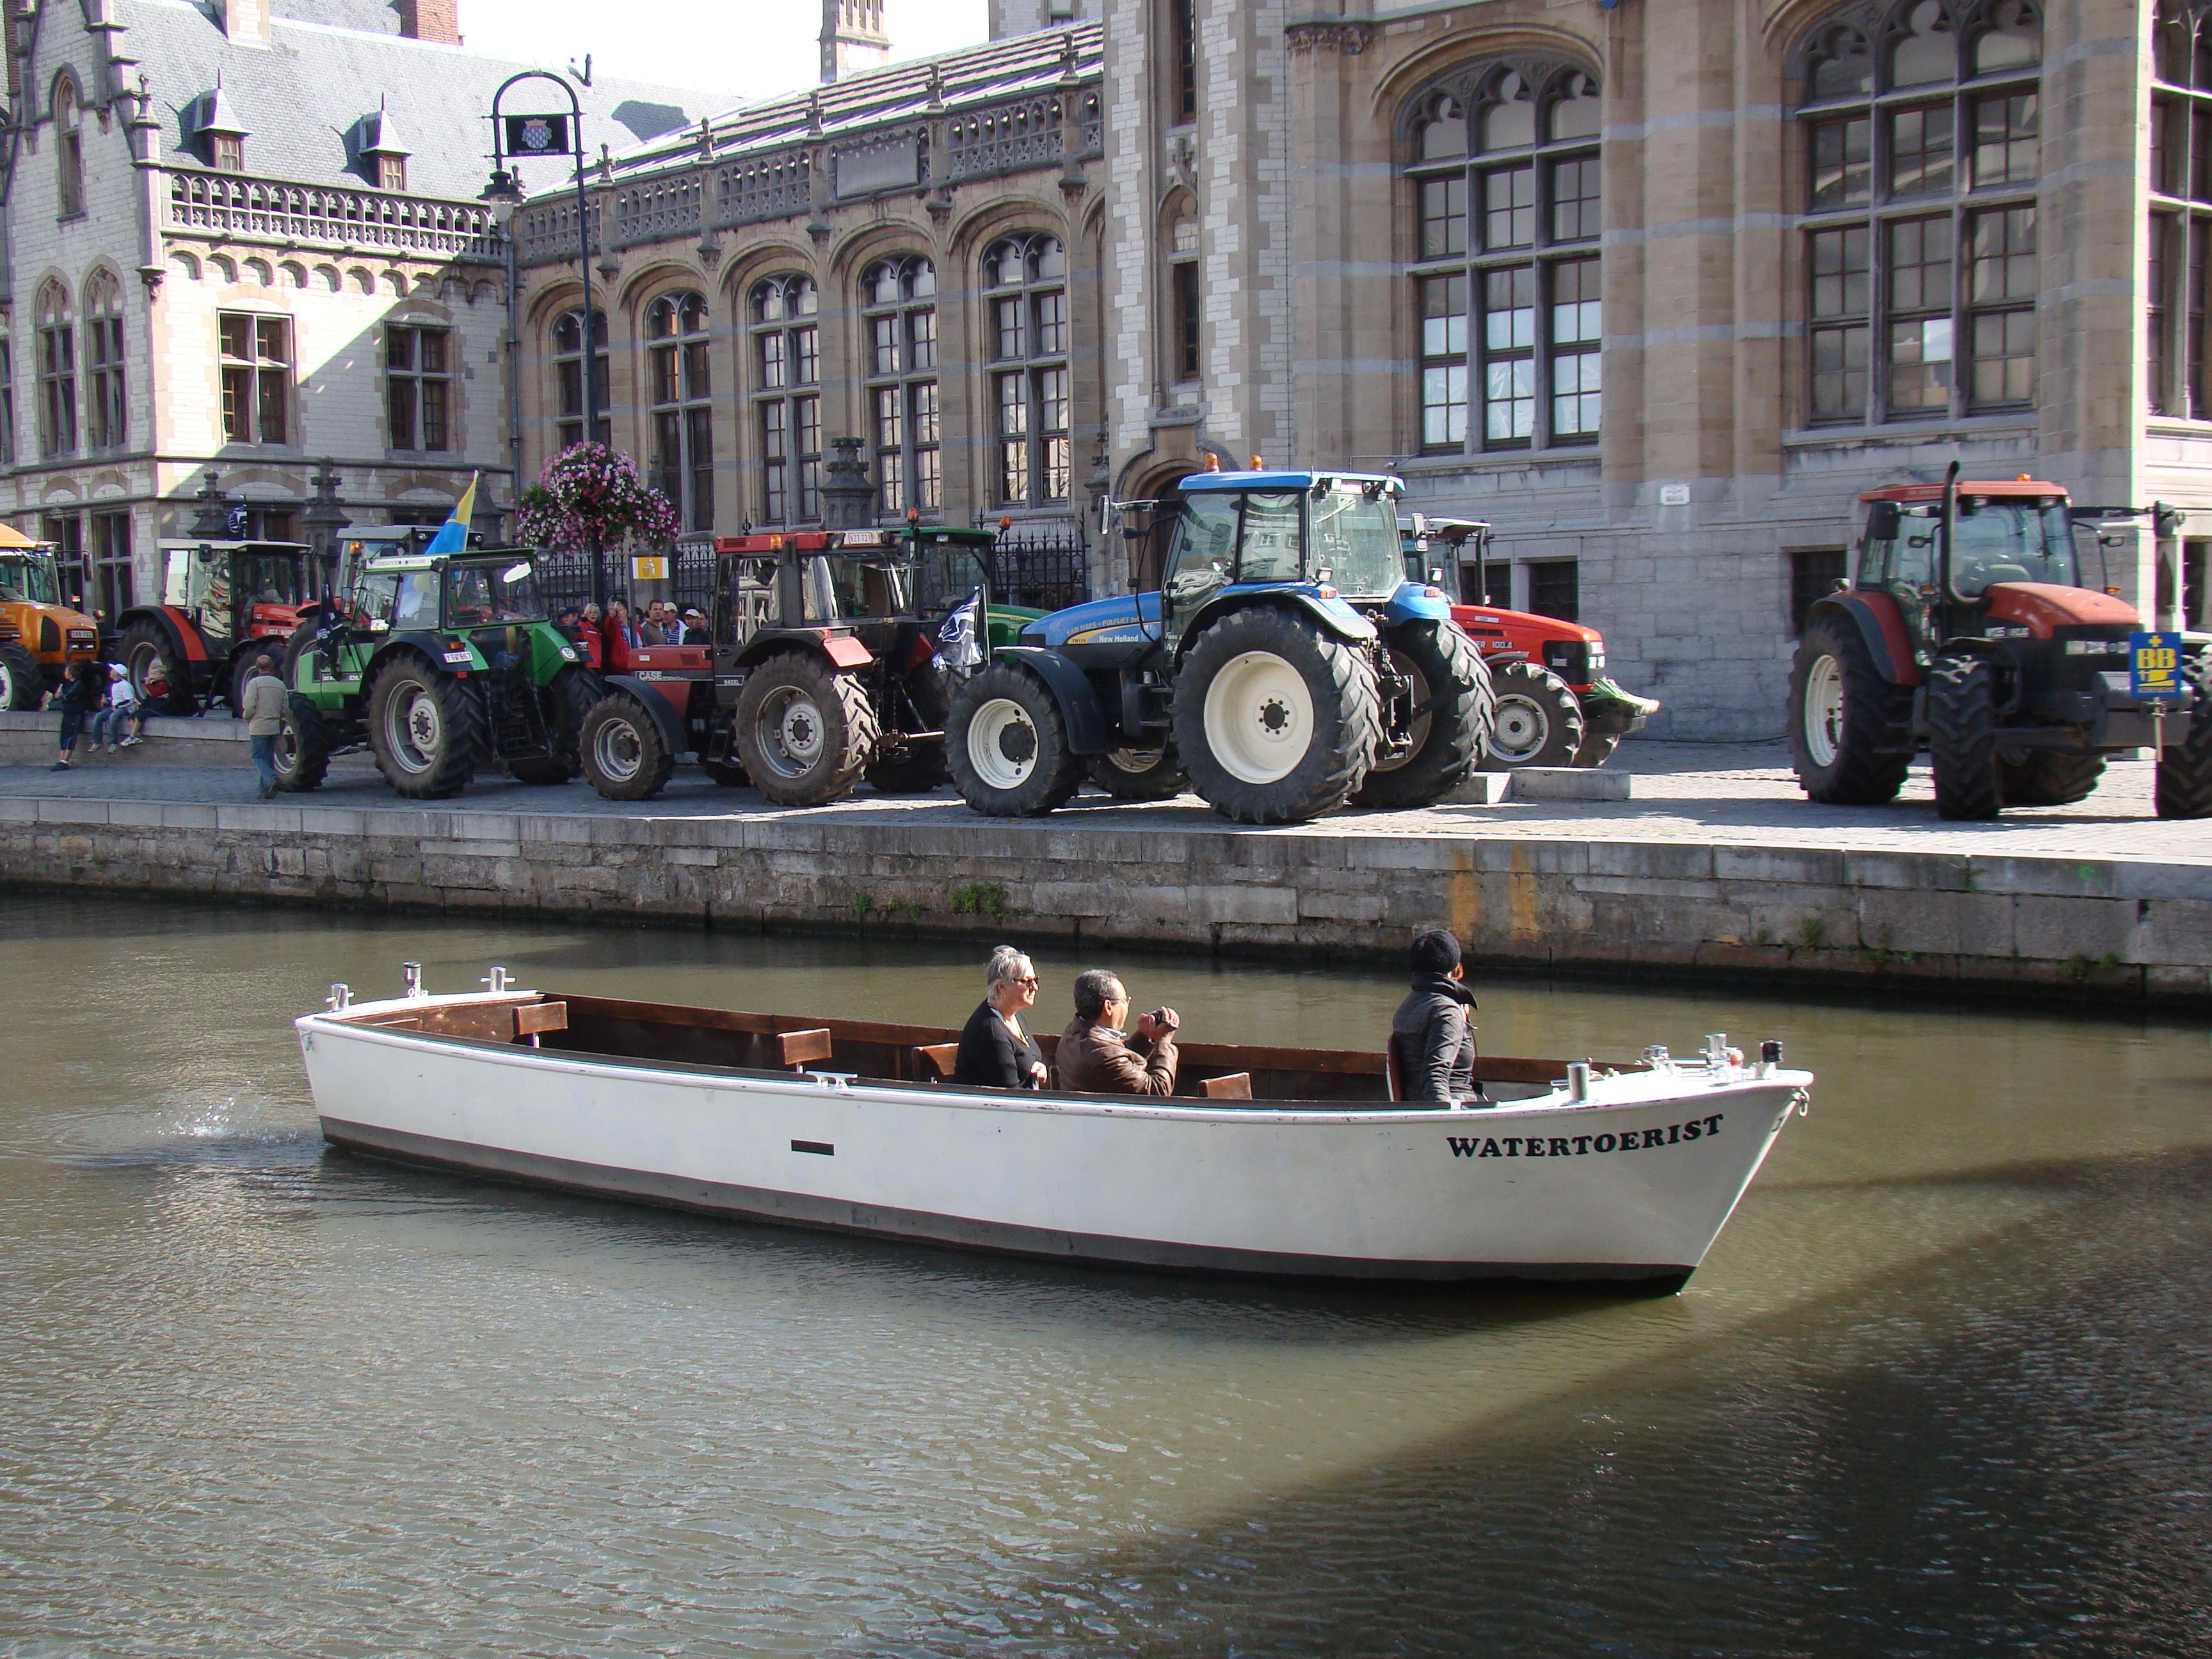 Hele horden toeristen nemen hun toevlucht tot de Bootjes van Gent om uit de klauwen van de boeren te blijven.